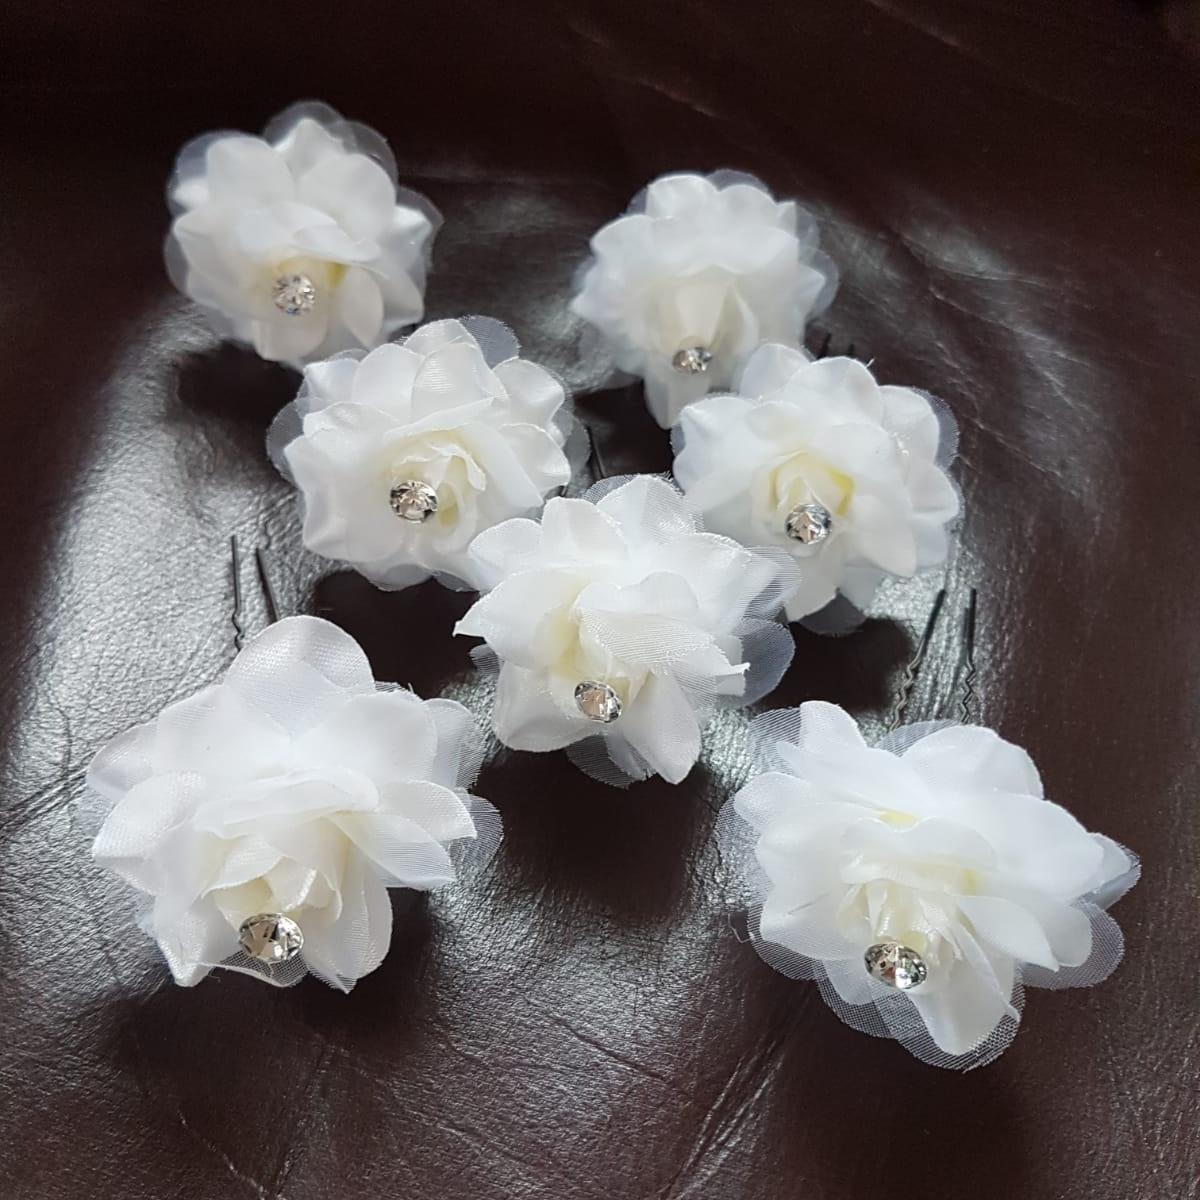 kvety do vlasov - 7 ks - Obrázok č. 3